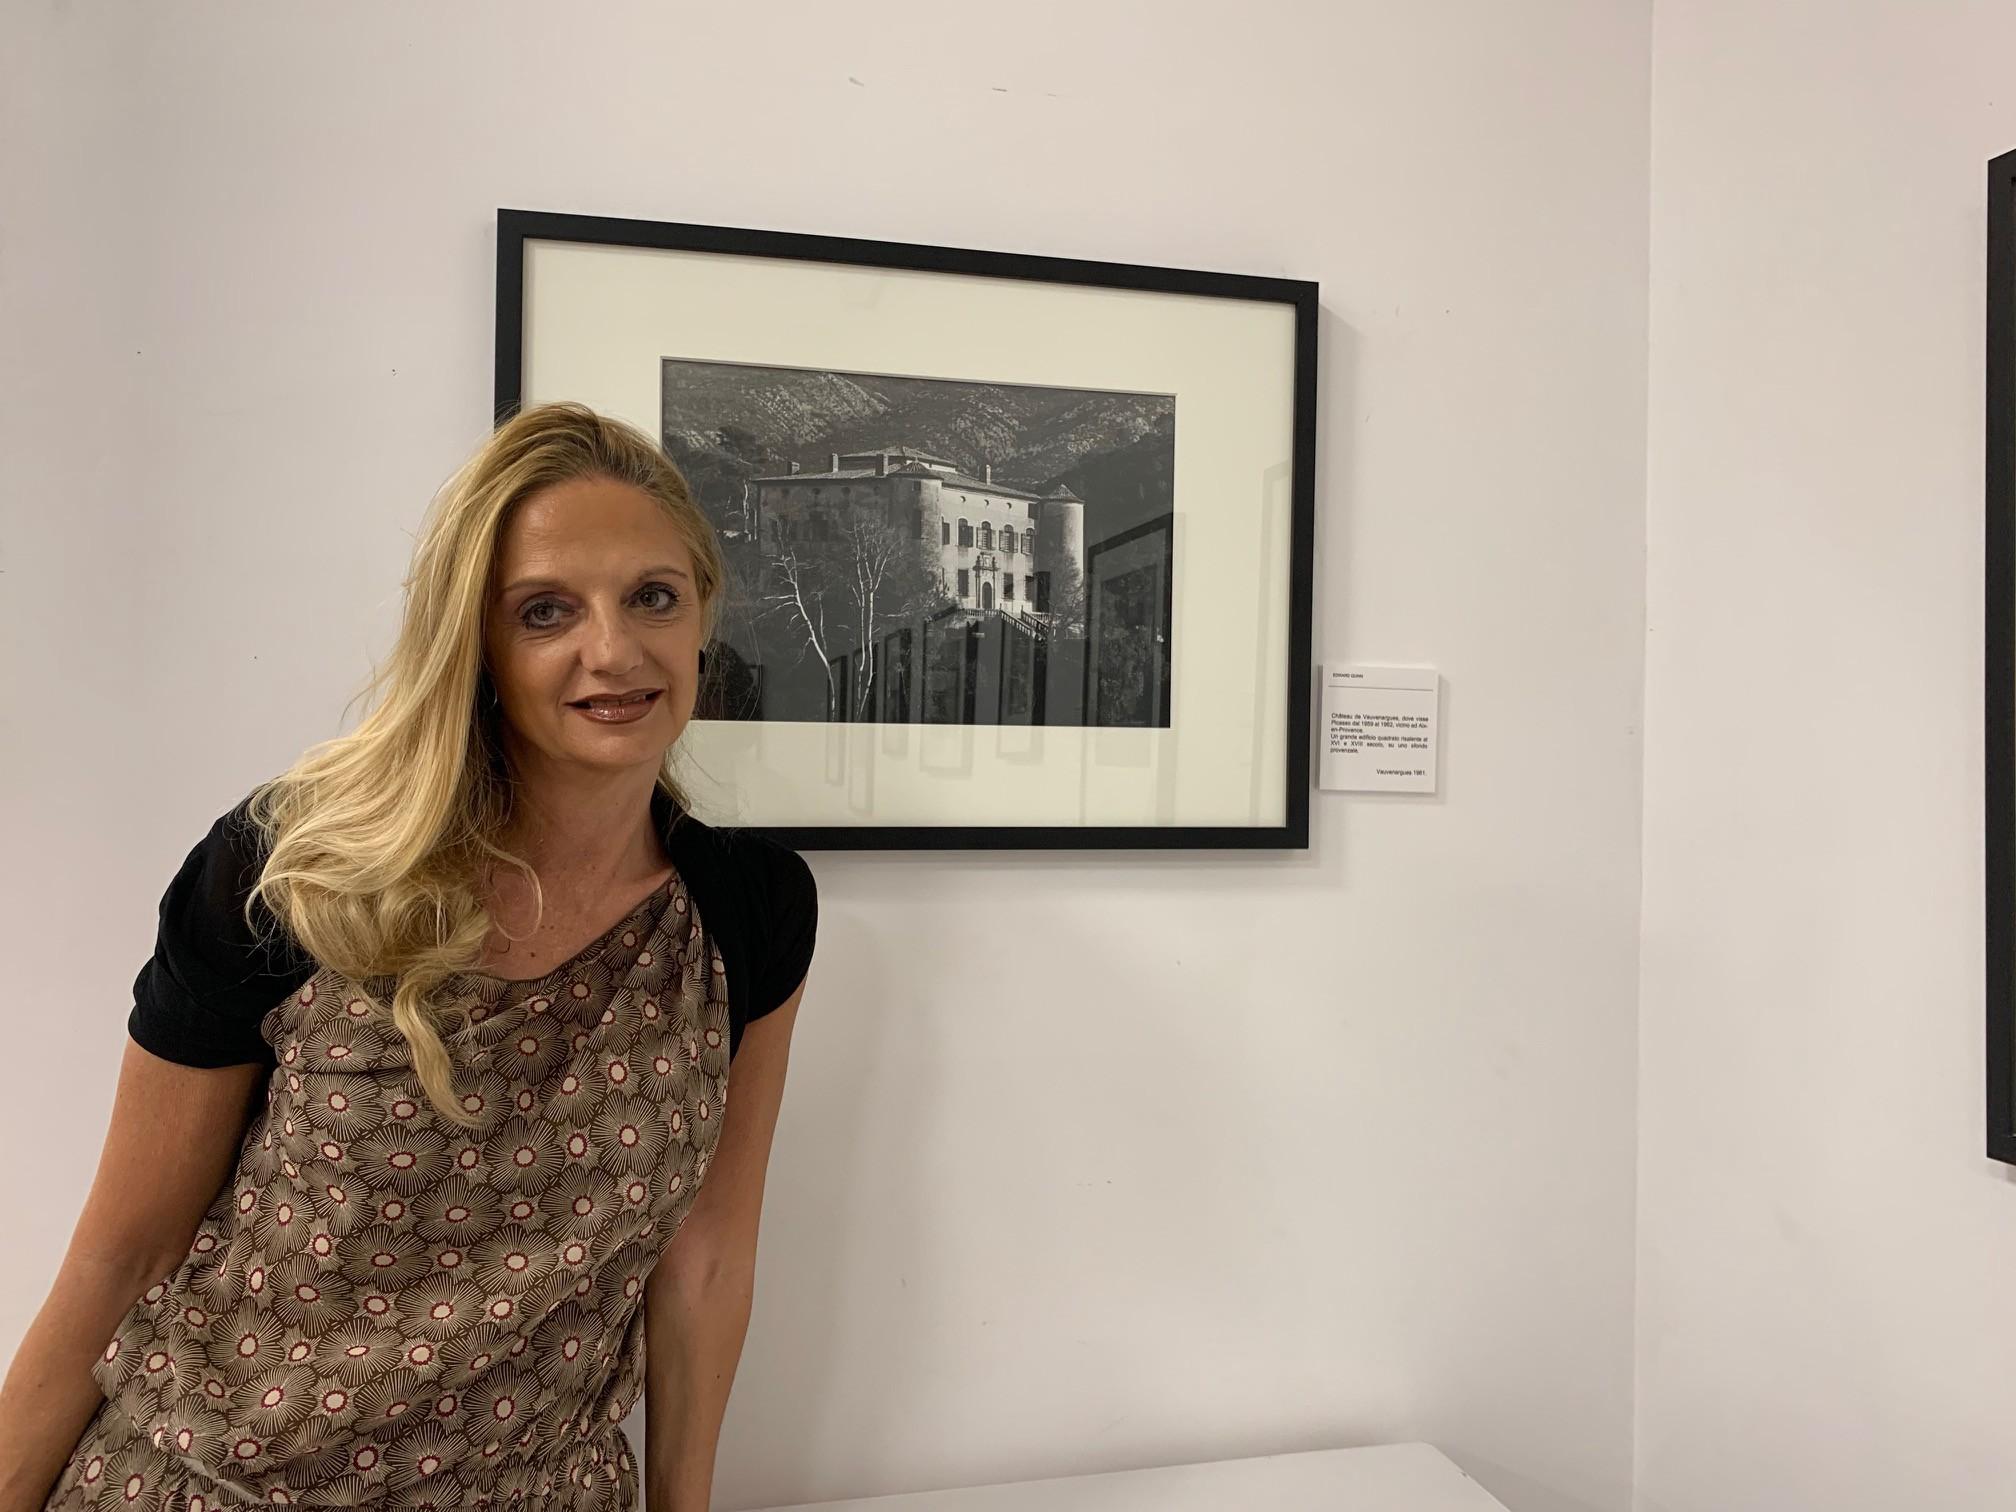 Fabiola Cinque PICASSO mostra fotografica PICASSO E LA FOTOGRAFIA